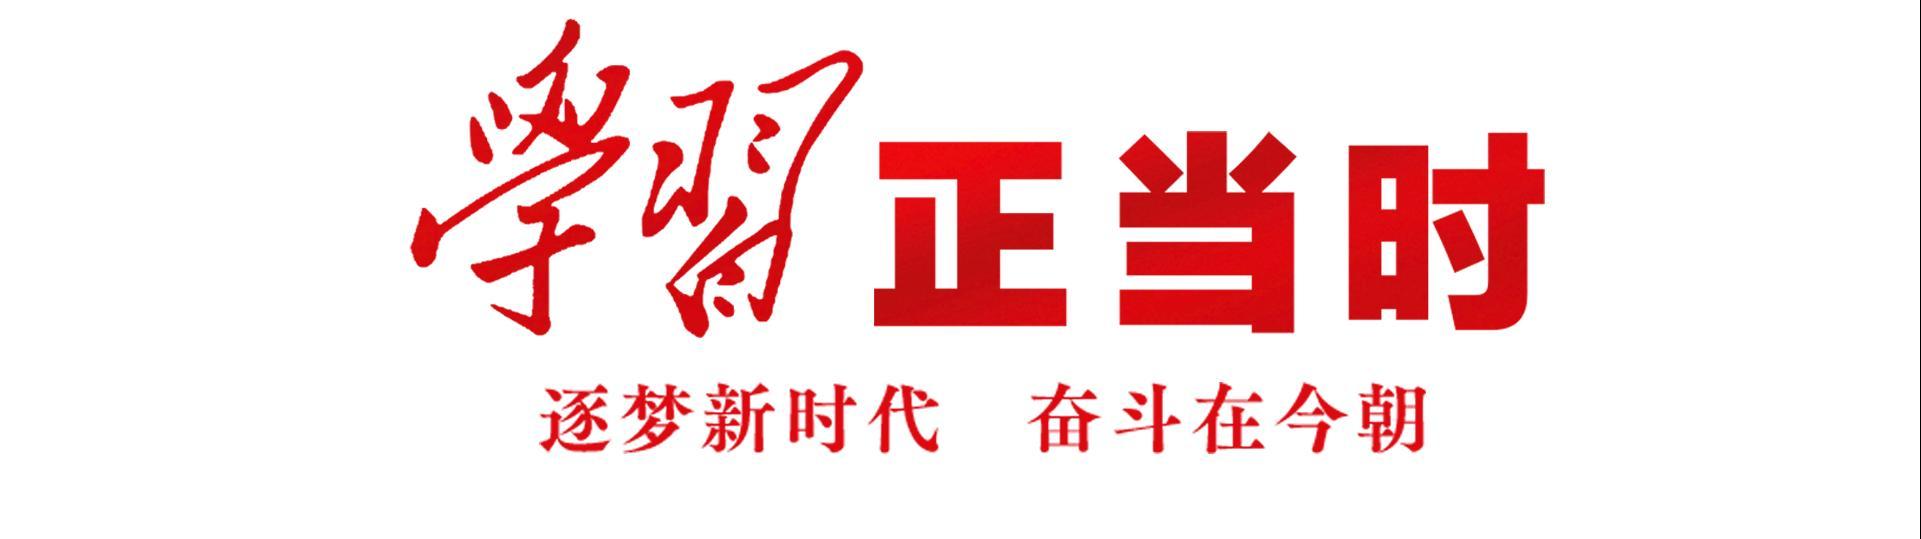 你是我兄弟分集剧情_英文谷歌_襄樊快猫网址